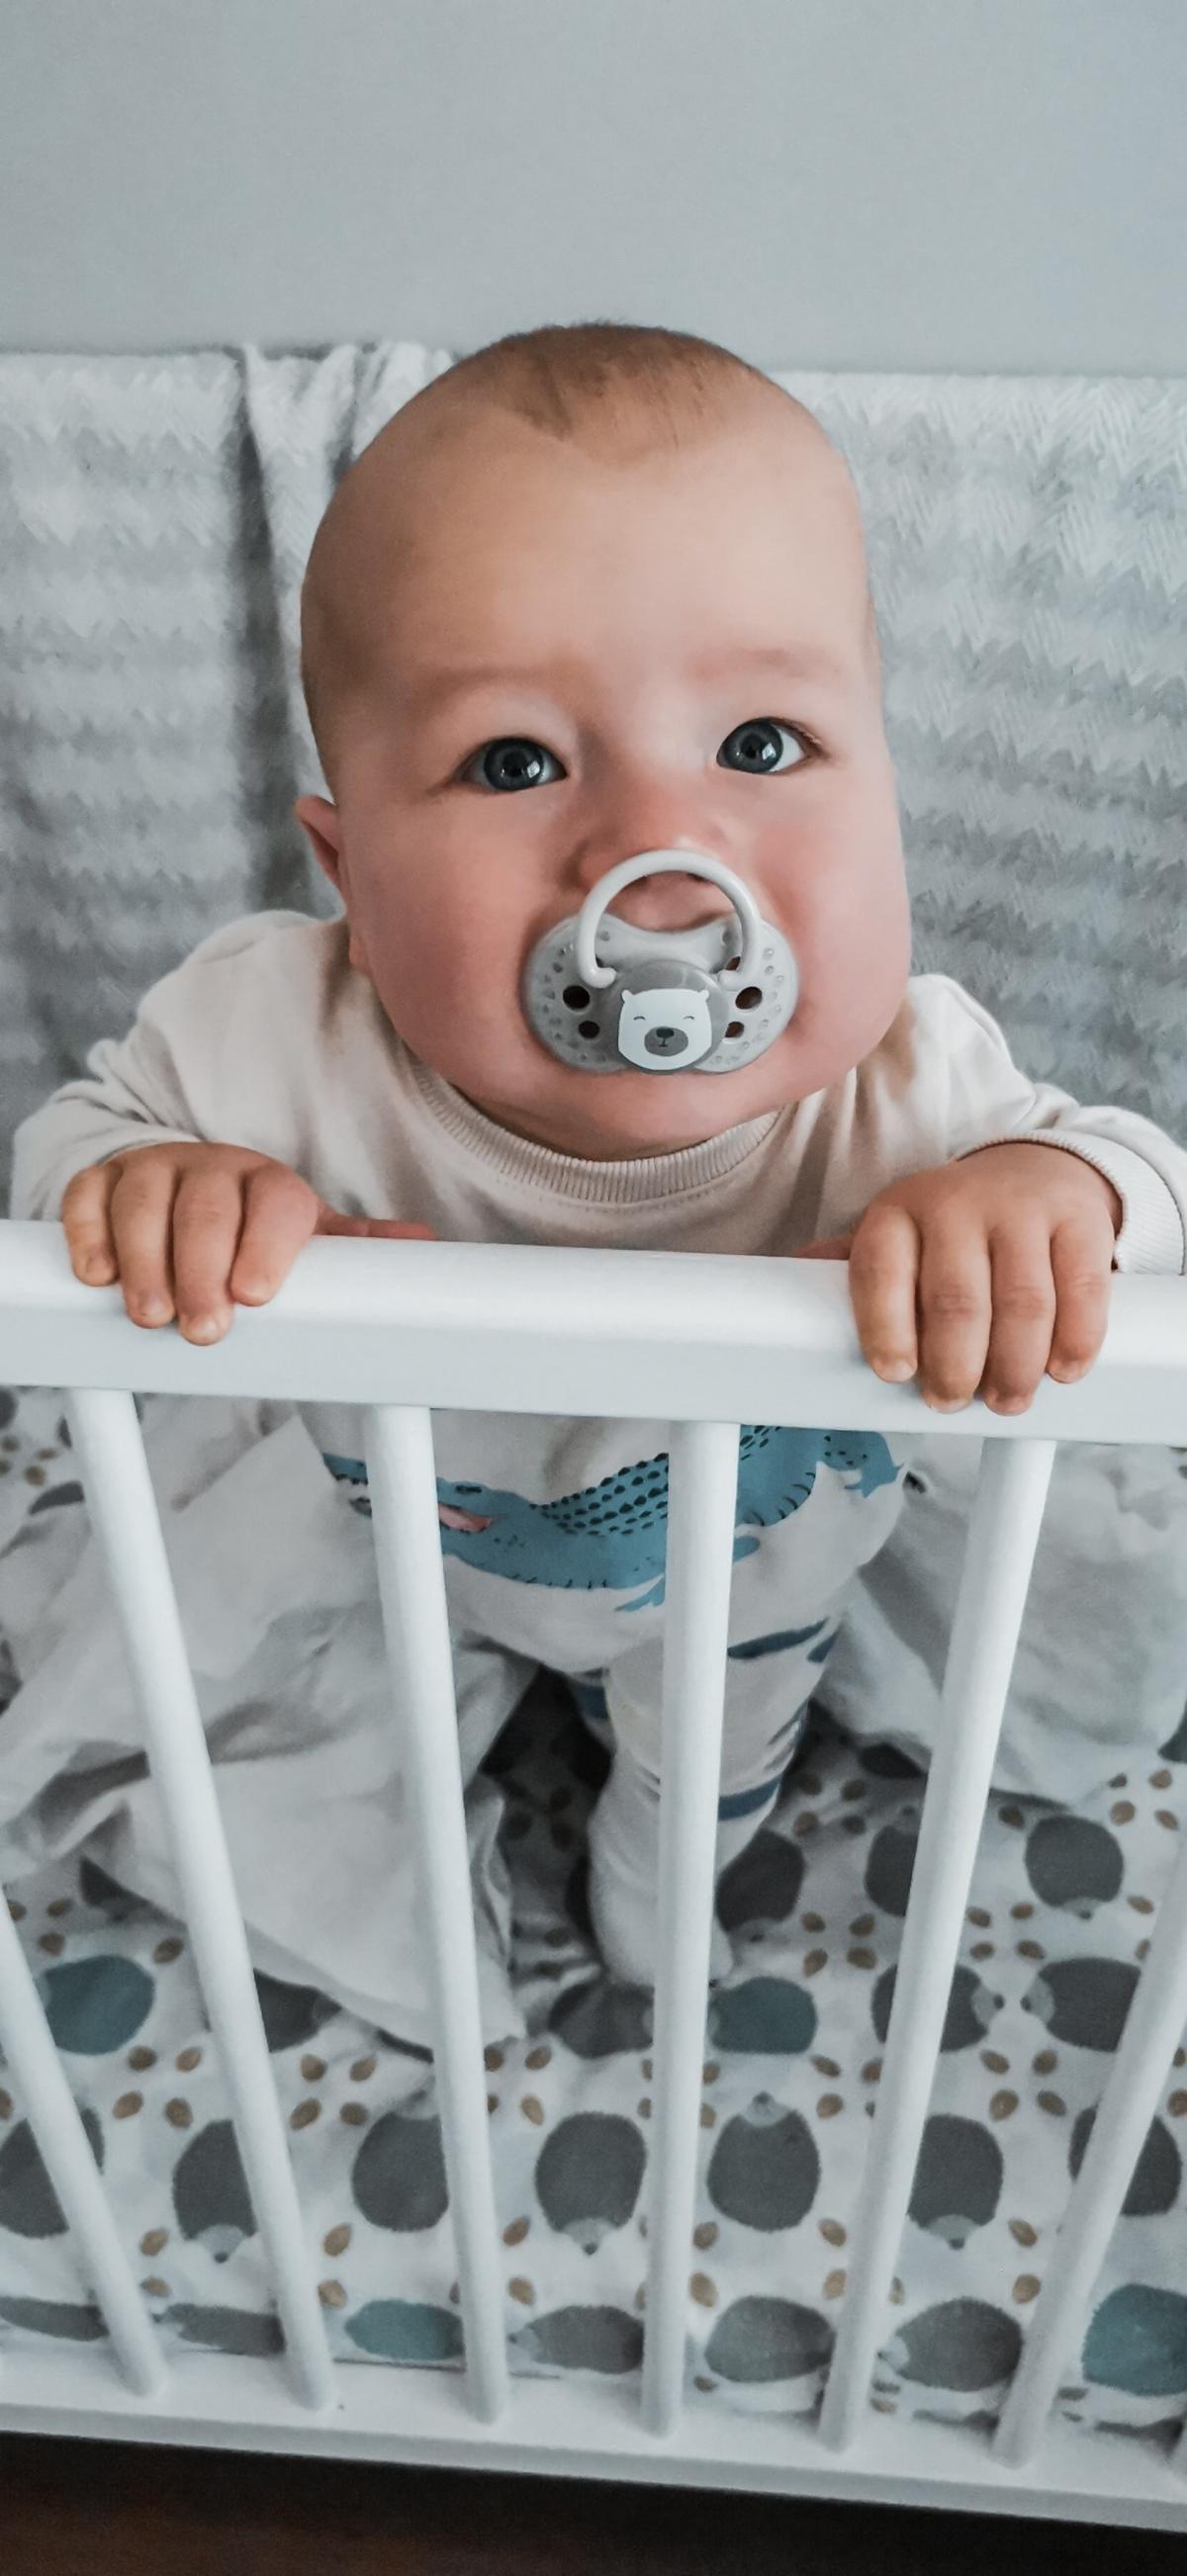 Viikonloppu kahdestaan vauvan kanssa – ehkä se töihinpaluu ei olekaan niin huonoajatus?